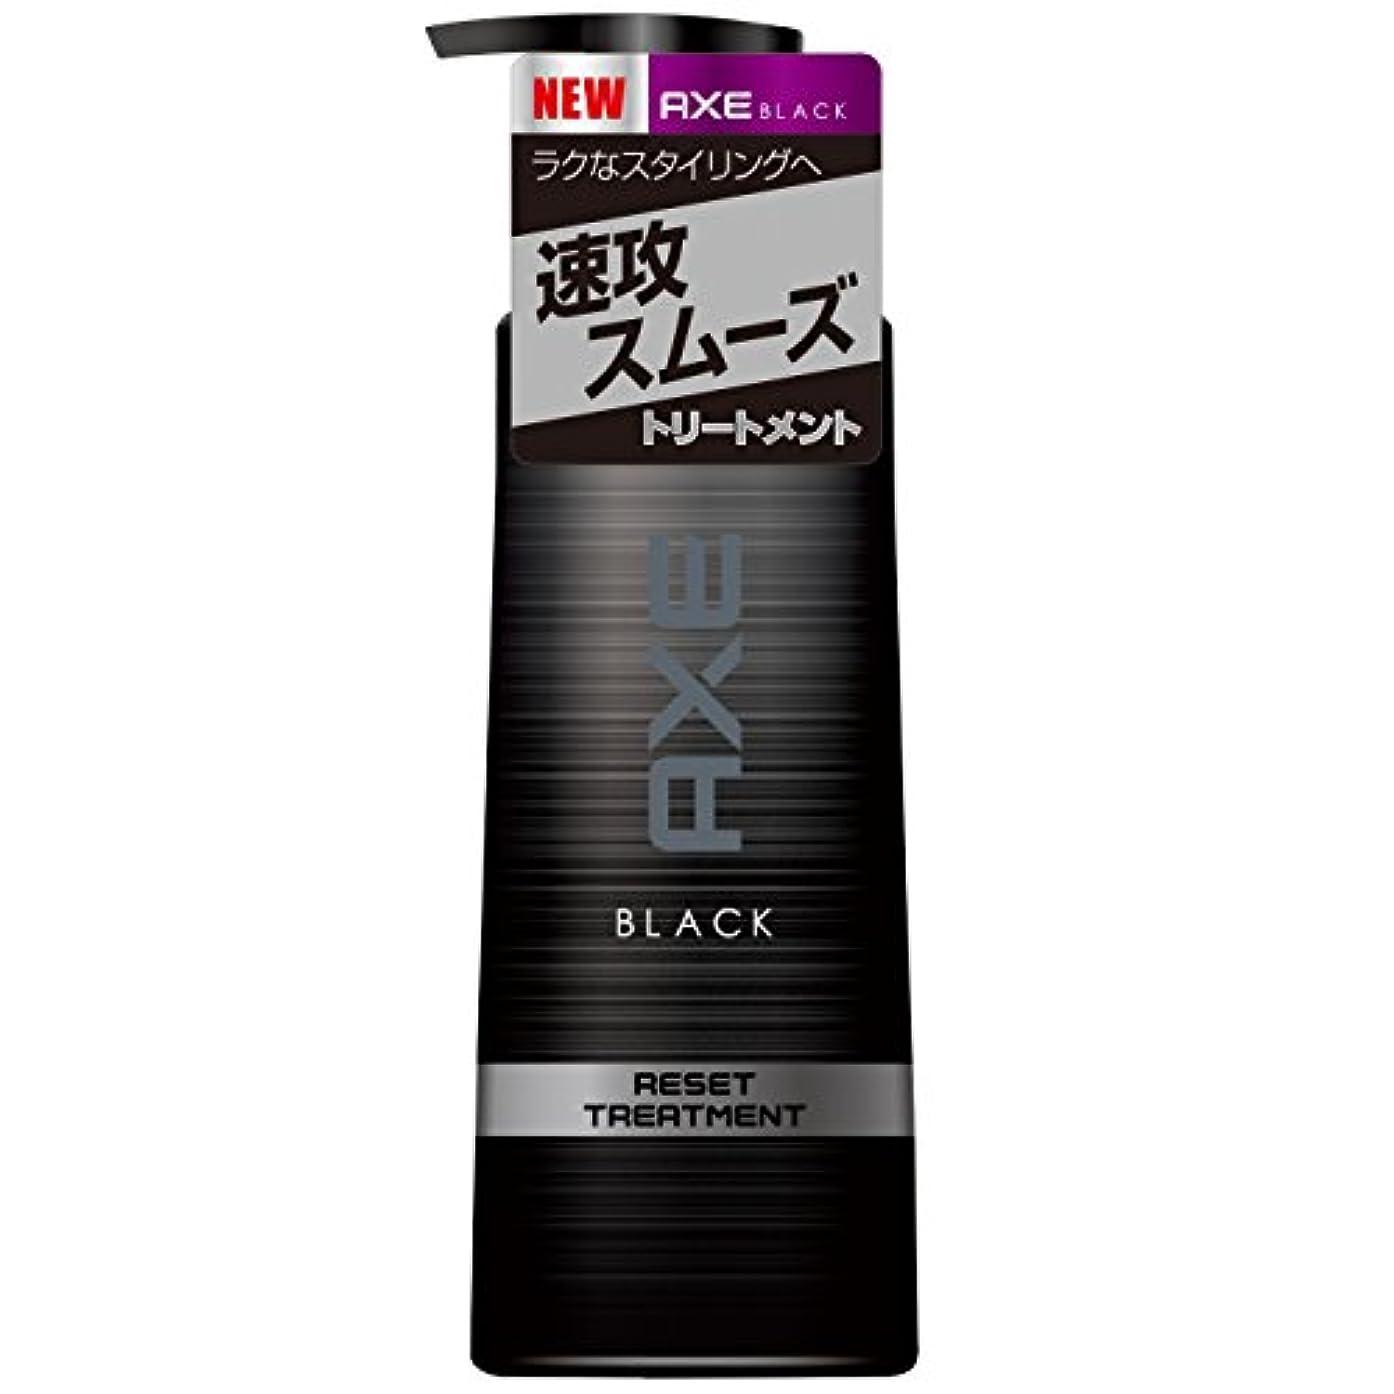 成熟より多いマーティンルーサーキングジュニアアックス ブラック 男性用 トリートメント ポンプ (速攻スムーズ、ラクなスタイリングへ) 350g (クールマリンのさりげない香り)